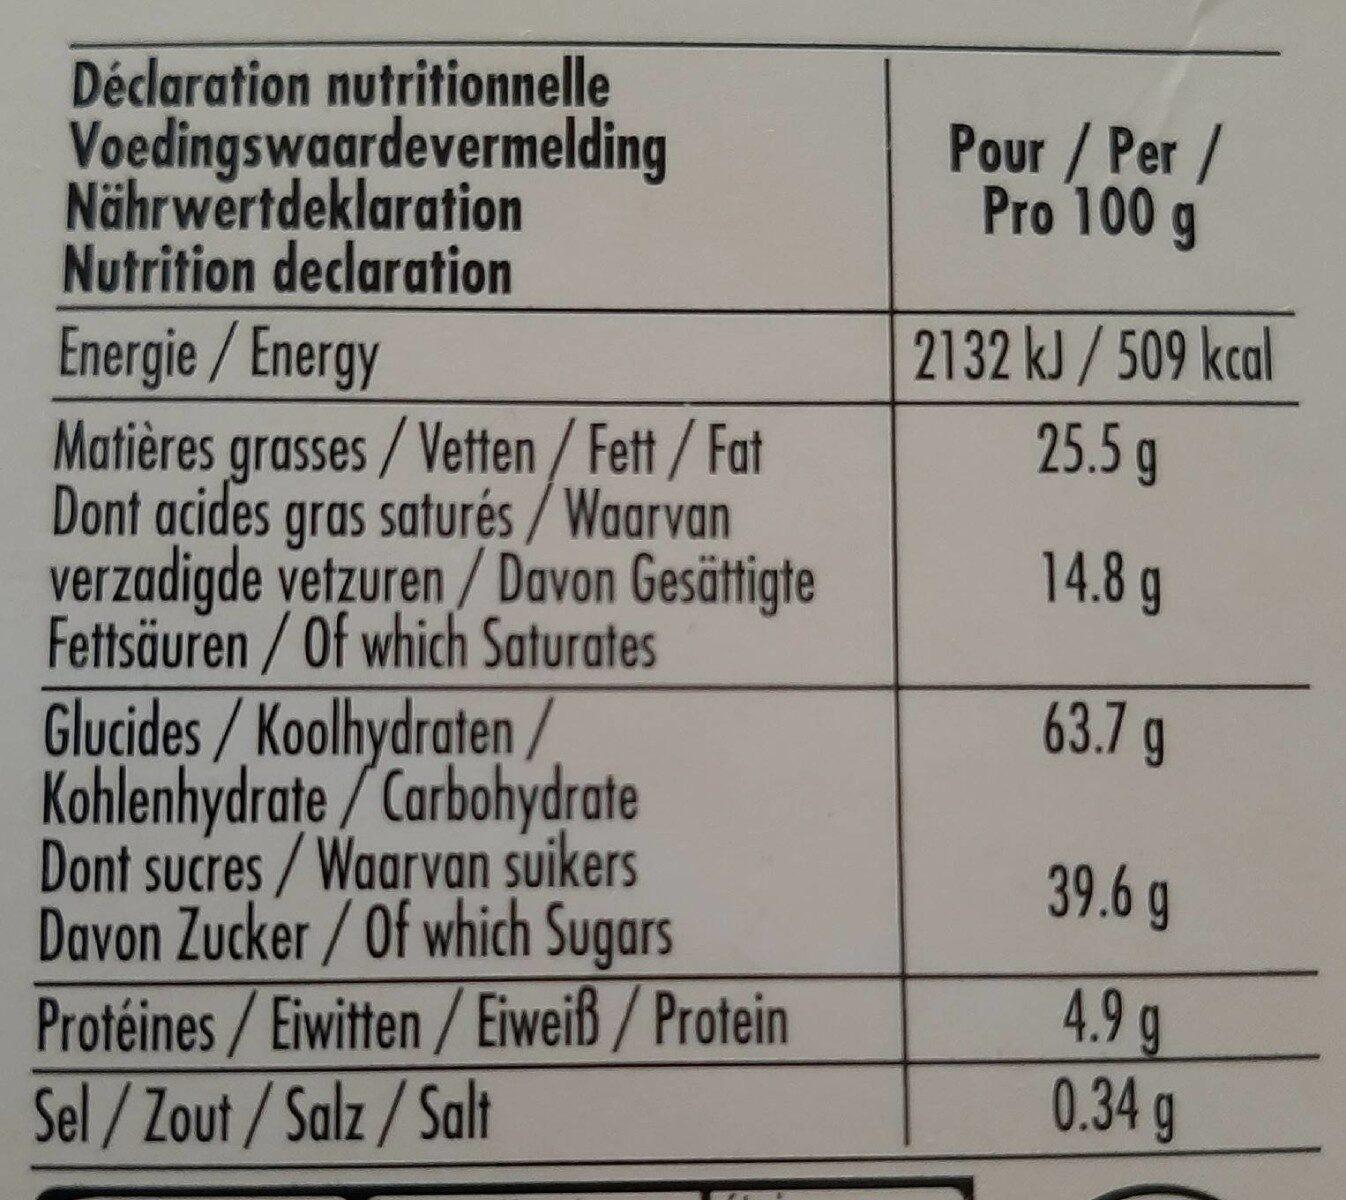 Delacre brugge 200gx2 lot - Nutrition facts - en